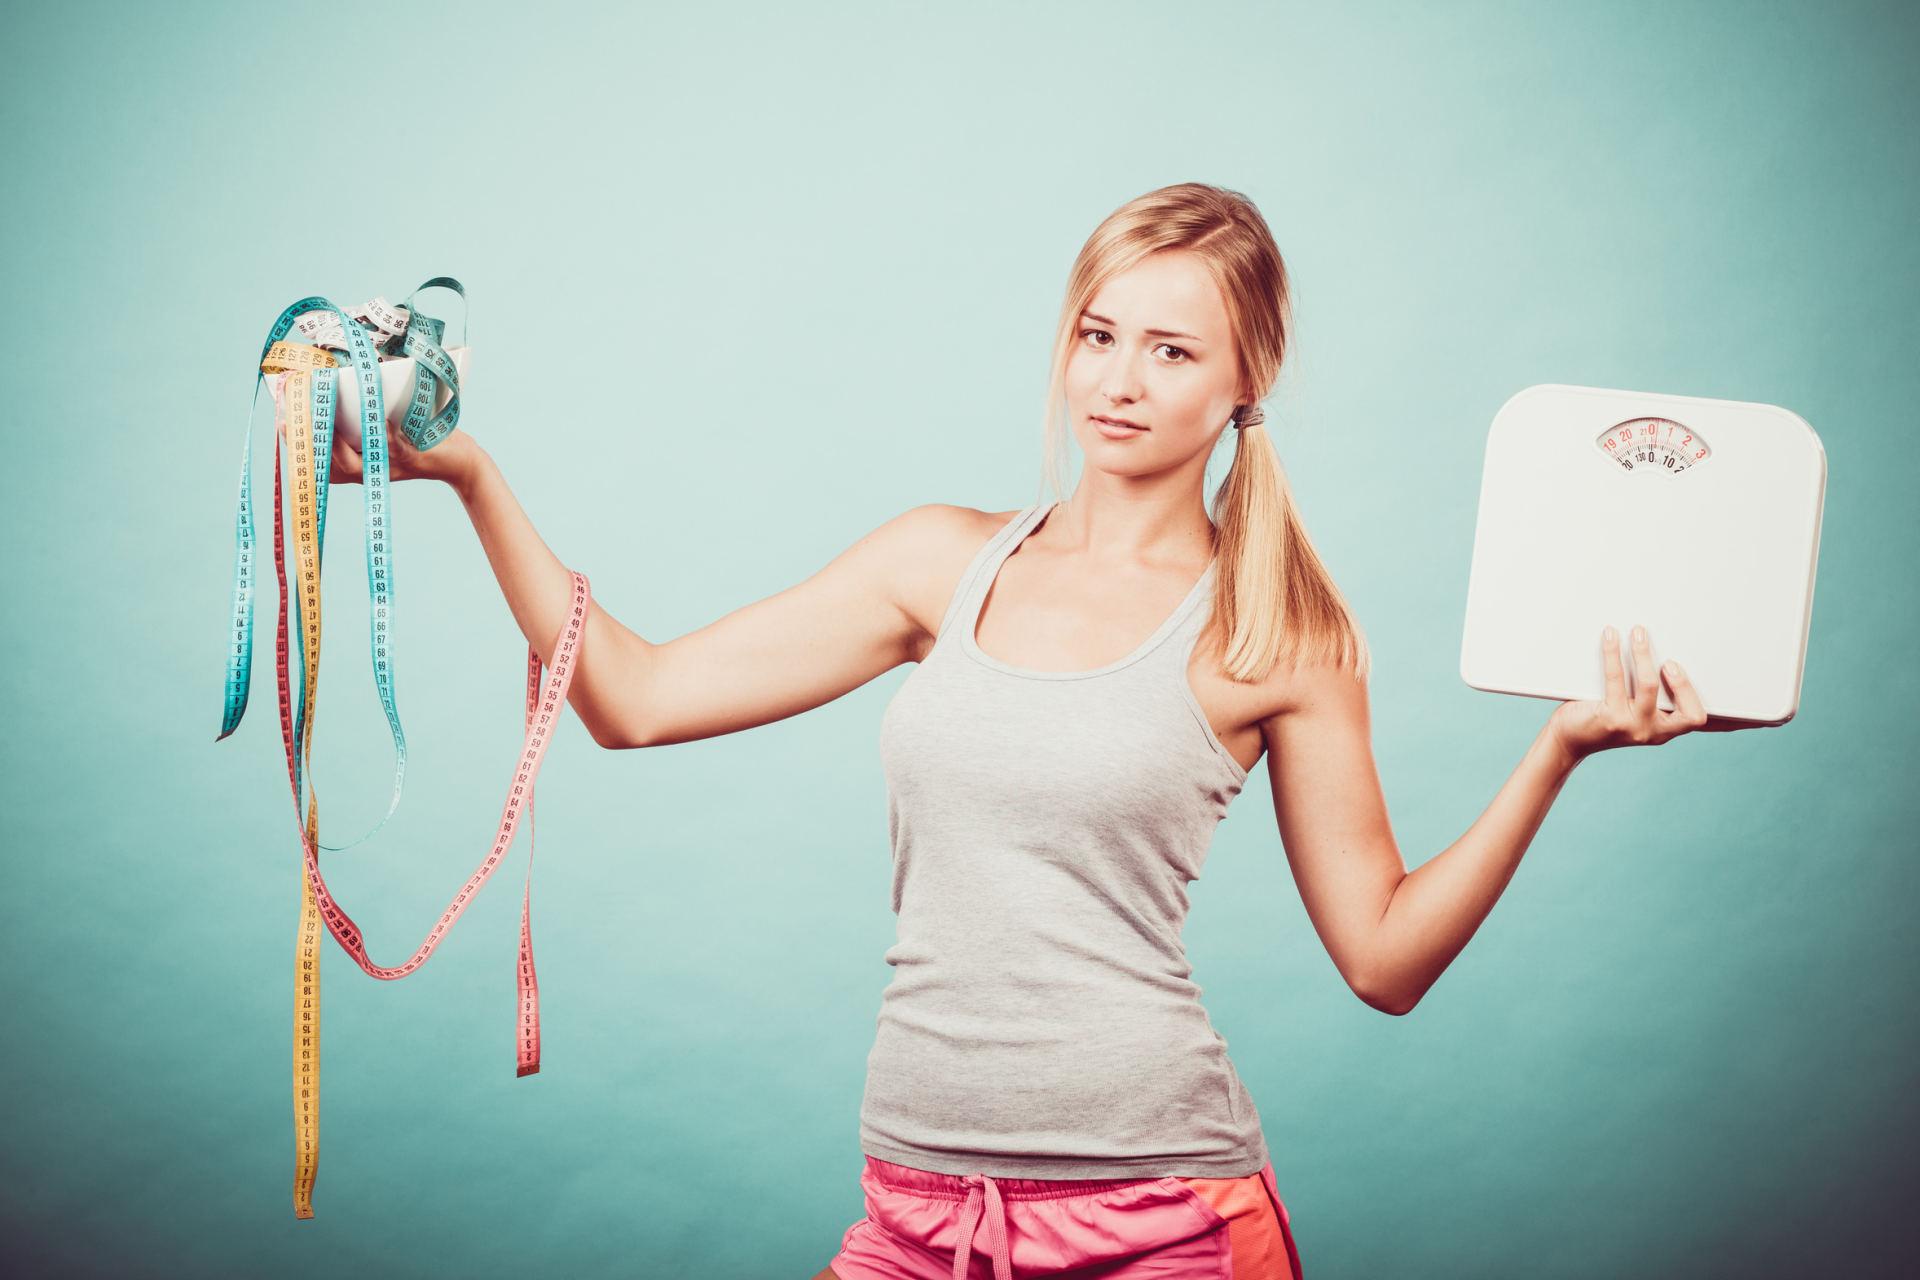 Ar kreivės gali padėti man numesti svorio